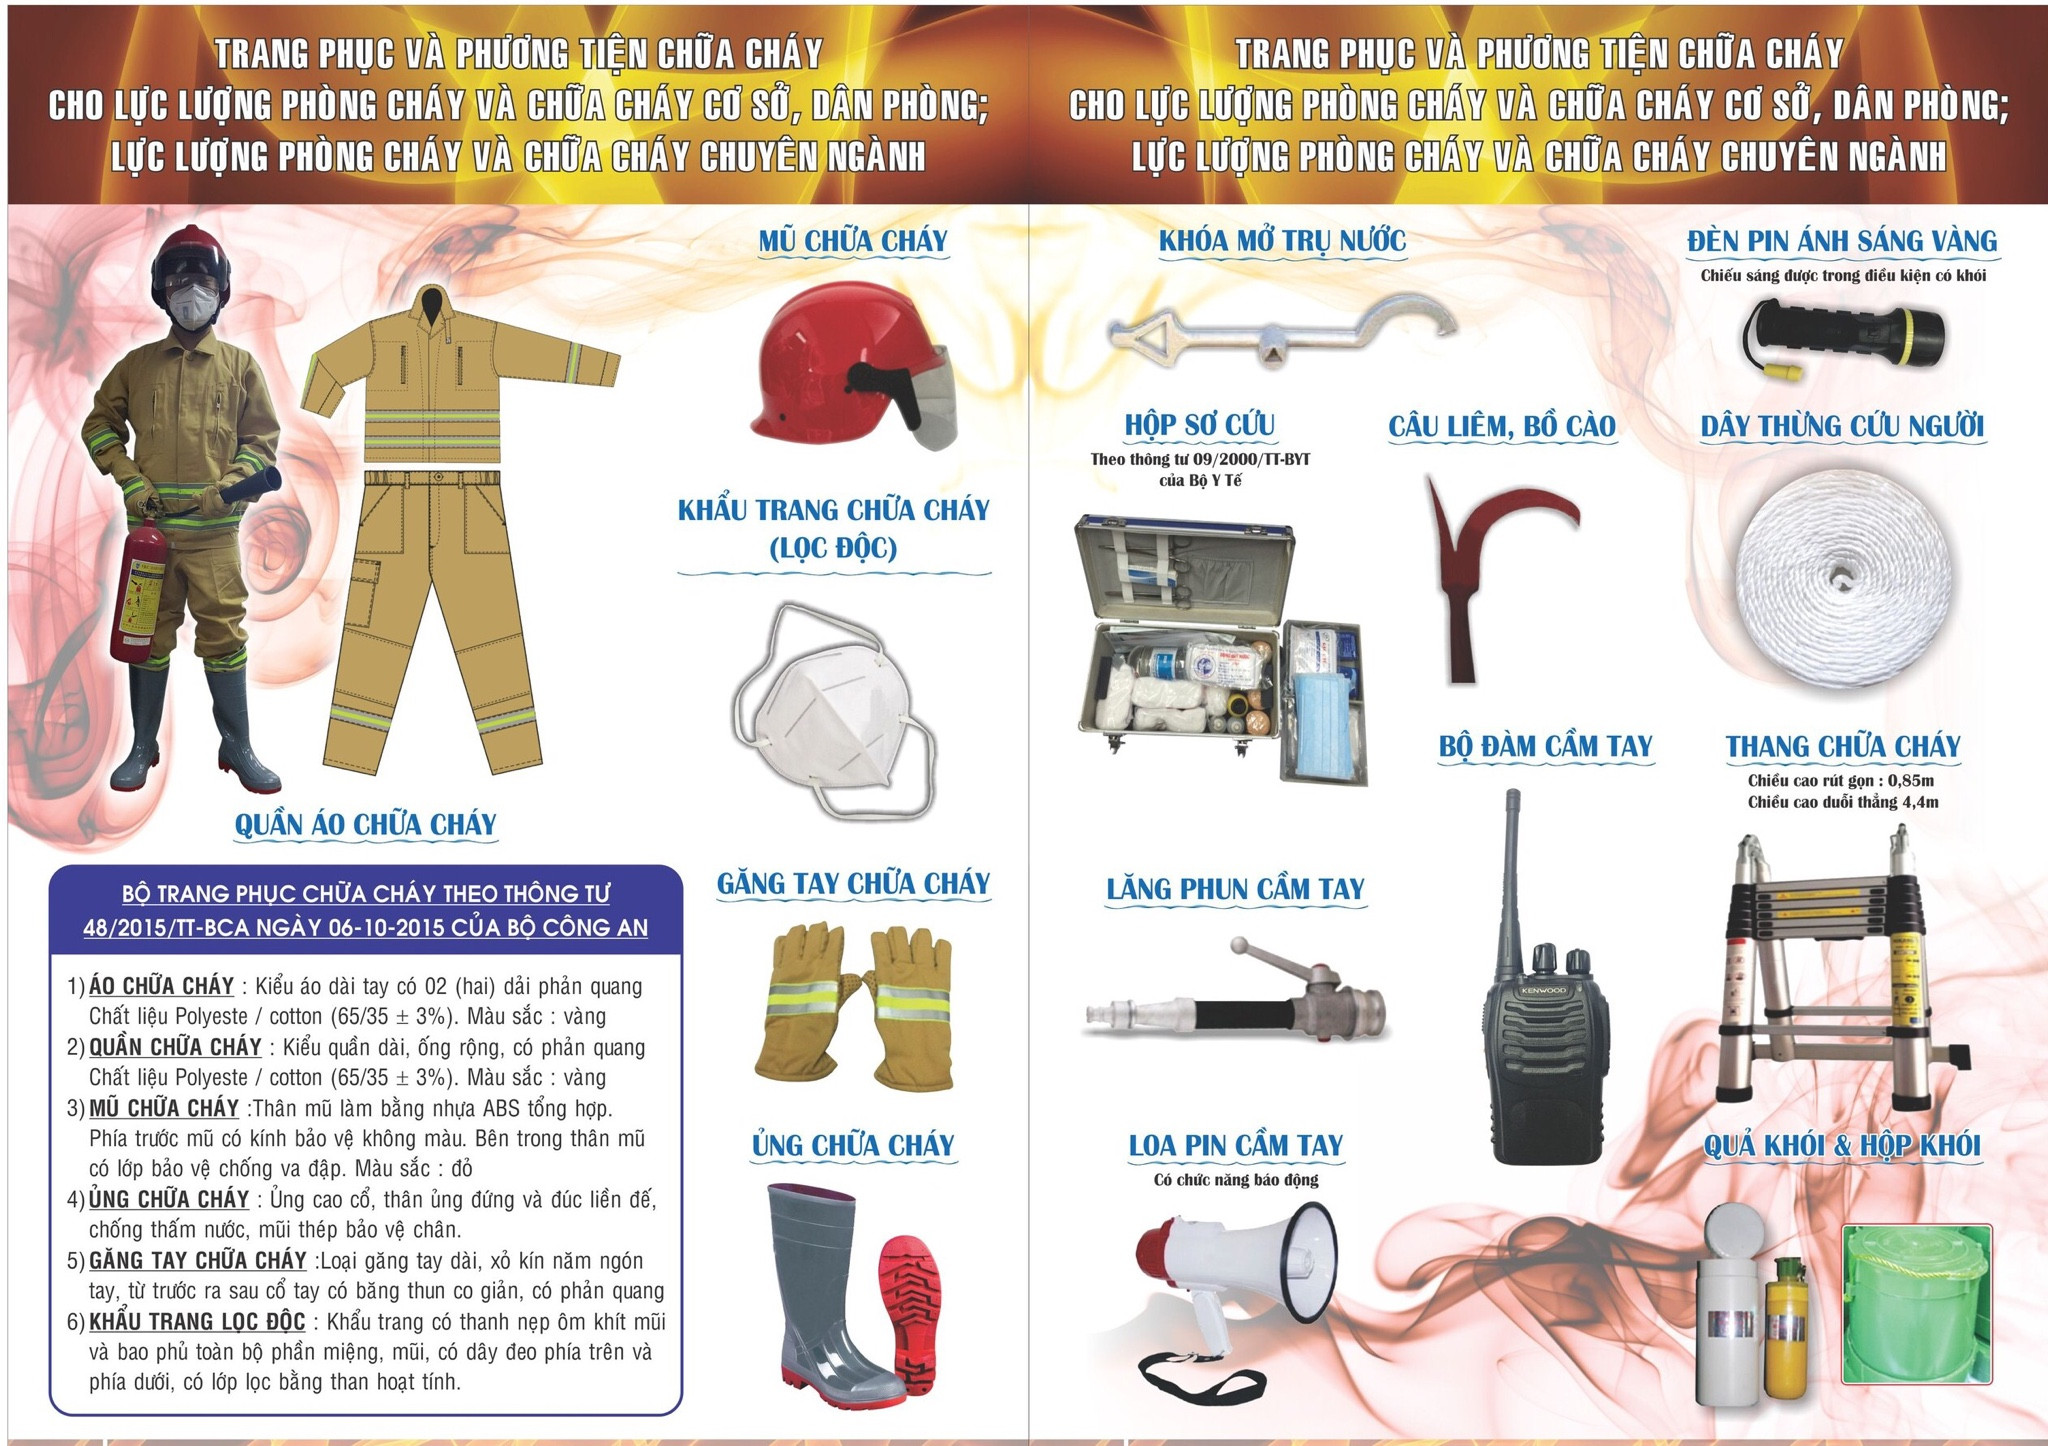 Bộ trang phục chữa cháy theo thông tư 48/2015/TT-BCA